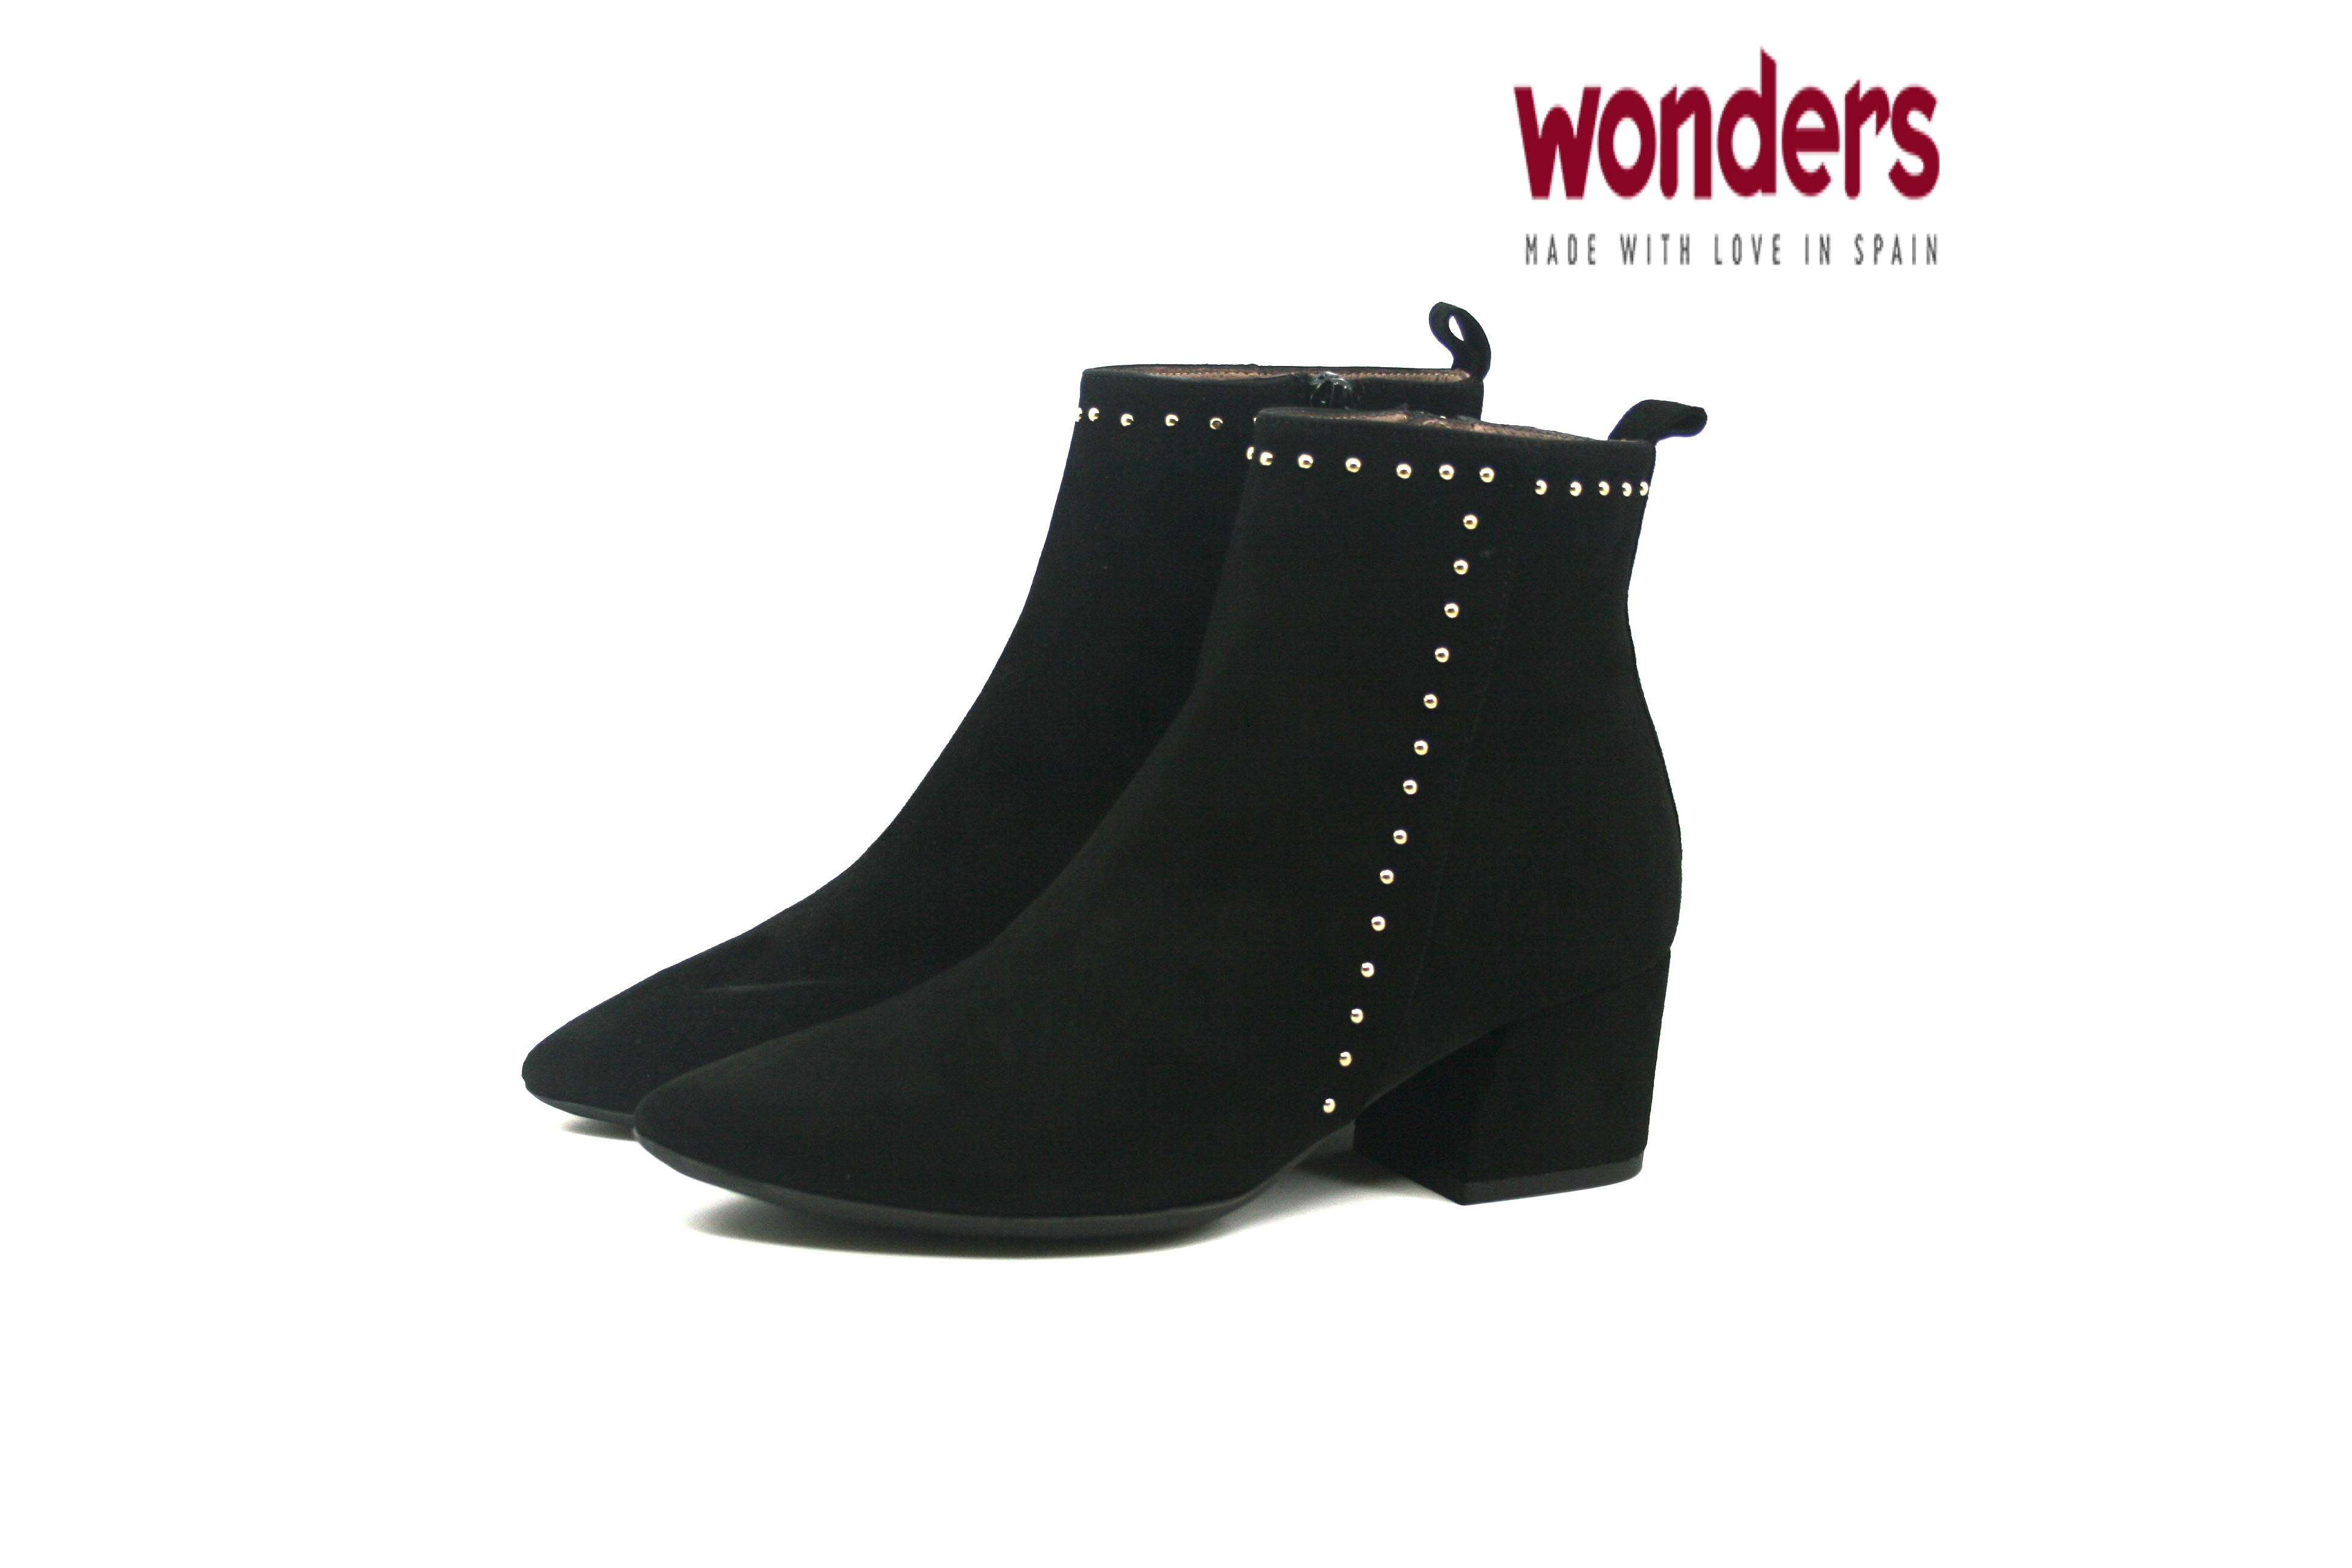 d3214837838f Damkjaer Sko Online Shop - Wonders Støvle med Pyntenitter - 7203 - Sort